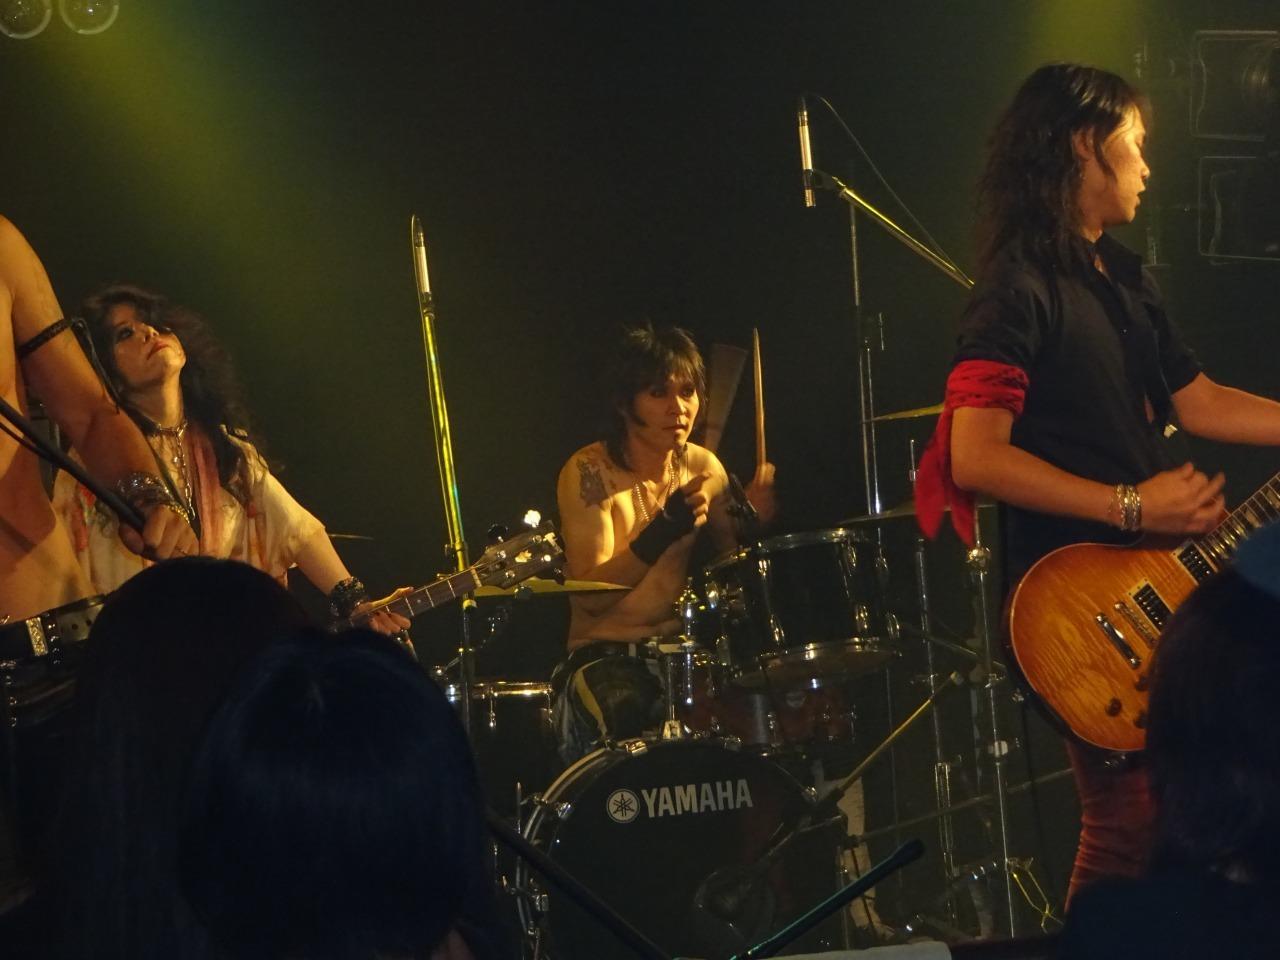 先輩TOMO氏のライブを観に行く!西川口ハーツ!_d0061678_16583415.jpg